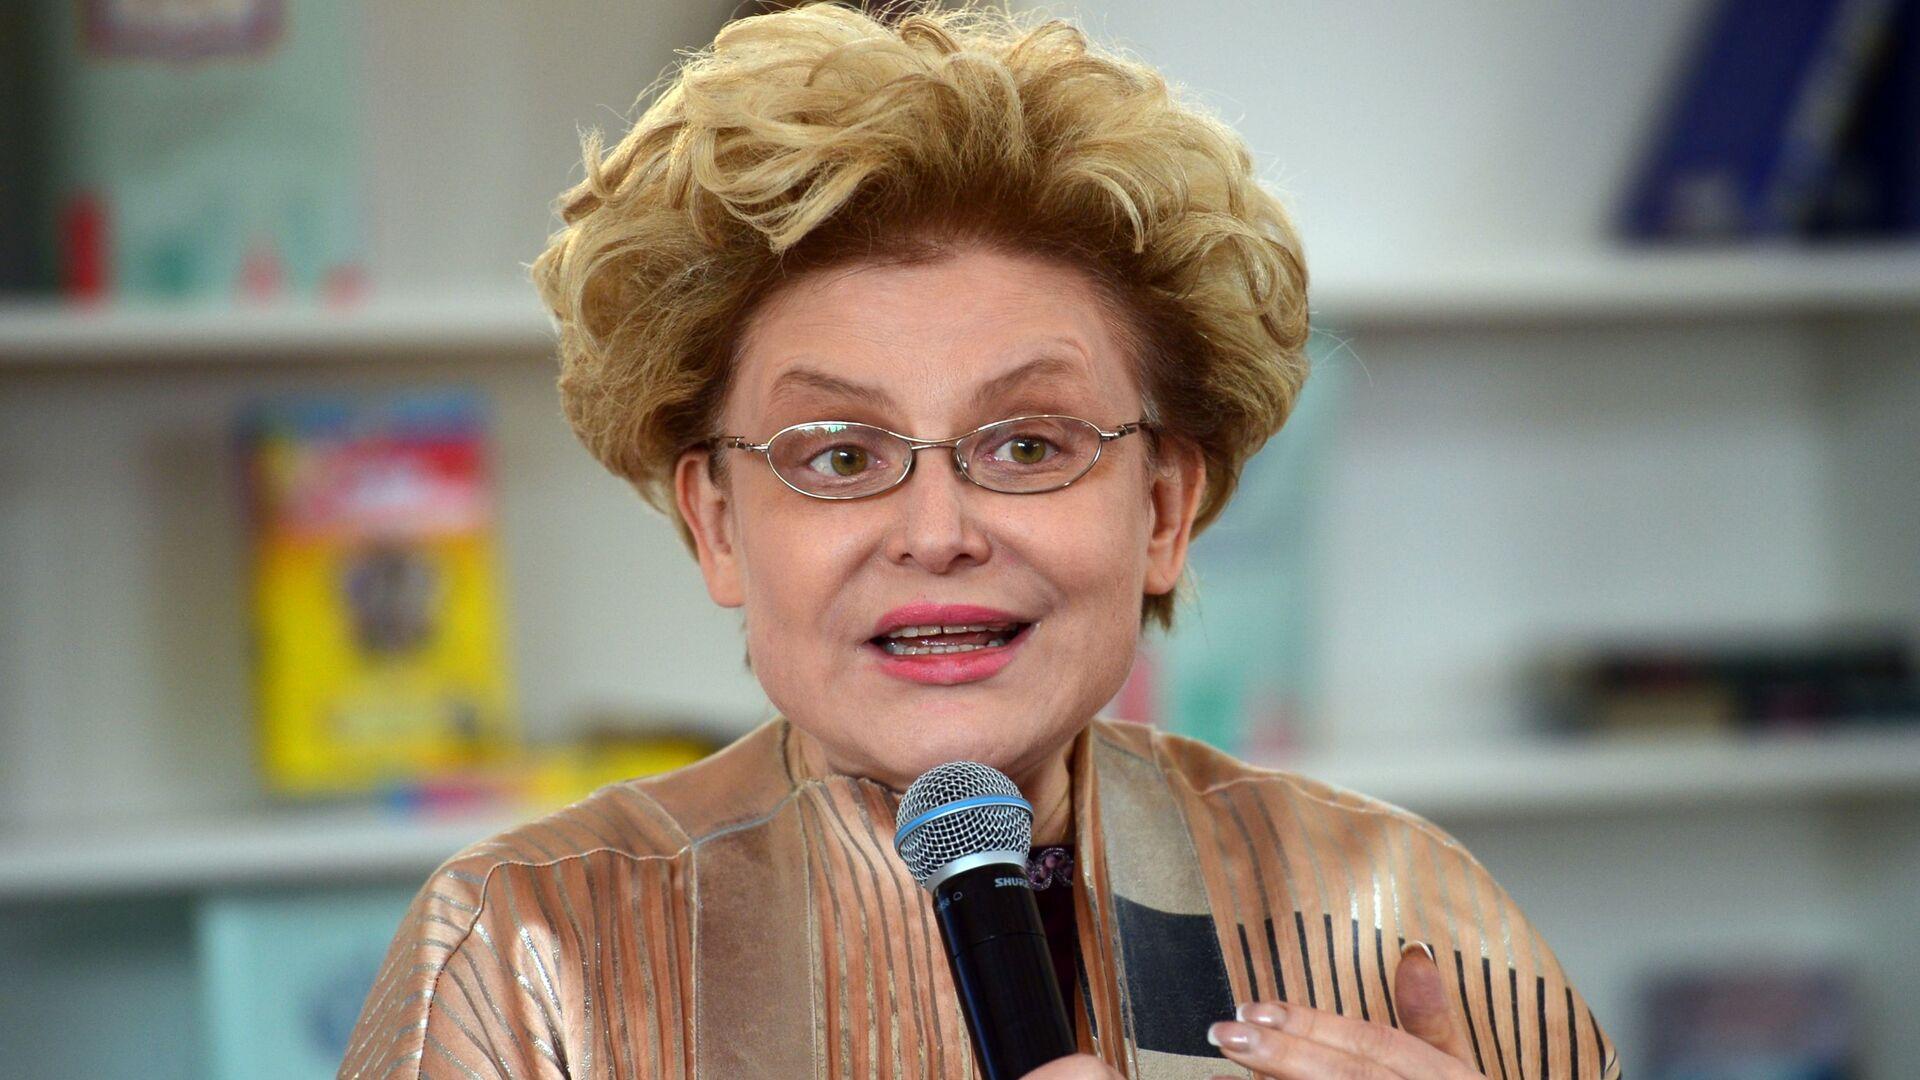 Доктор медицинских наук, профессор и телеведущая Елена Малышева - РИА Новости, 1920, 29.11.2020